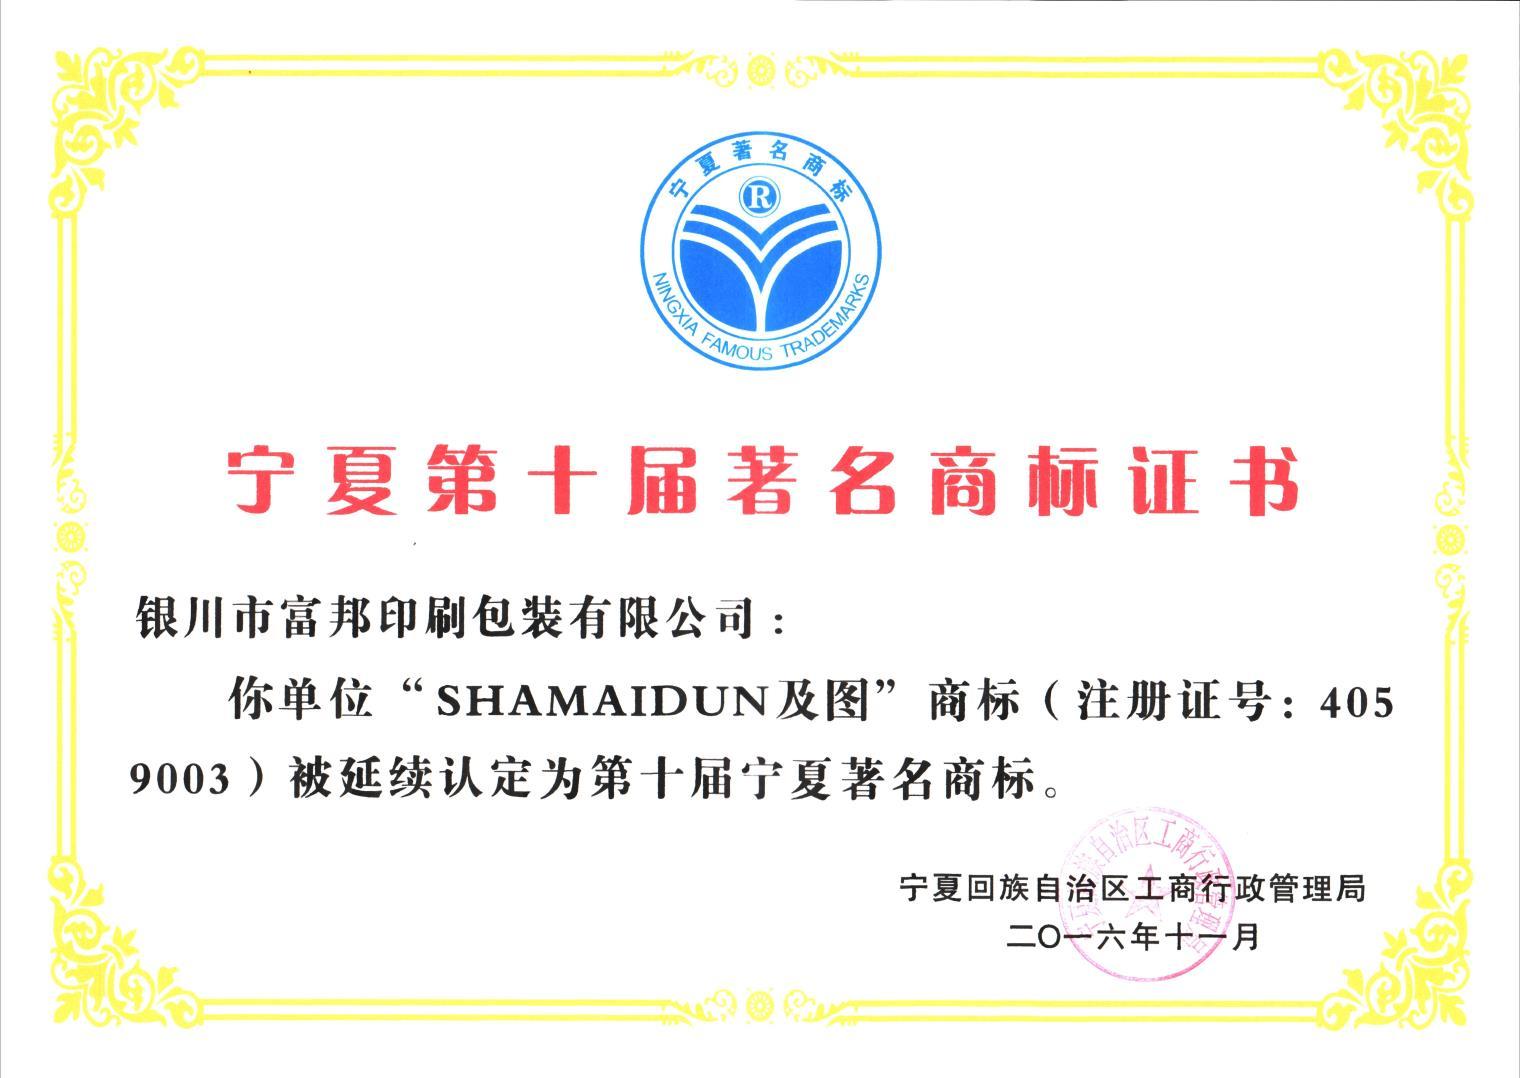 企業榮譽 單頁-銀川市富邦印刷包裝有限公司